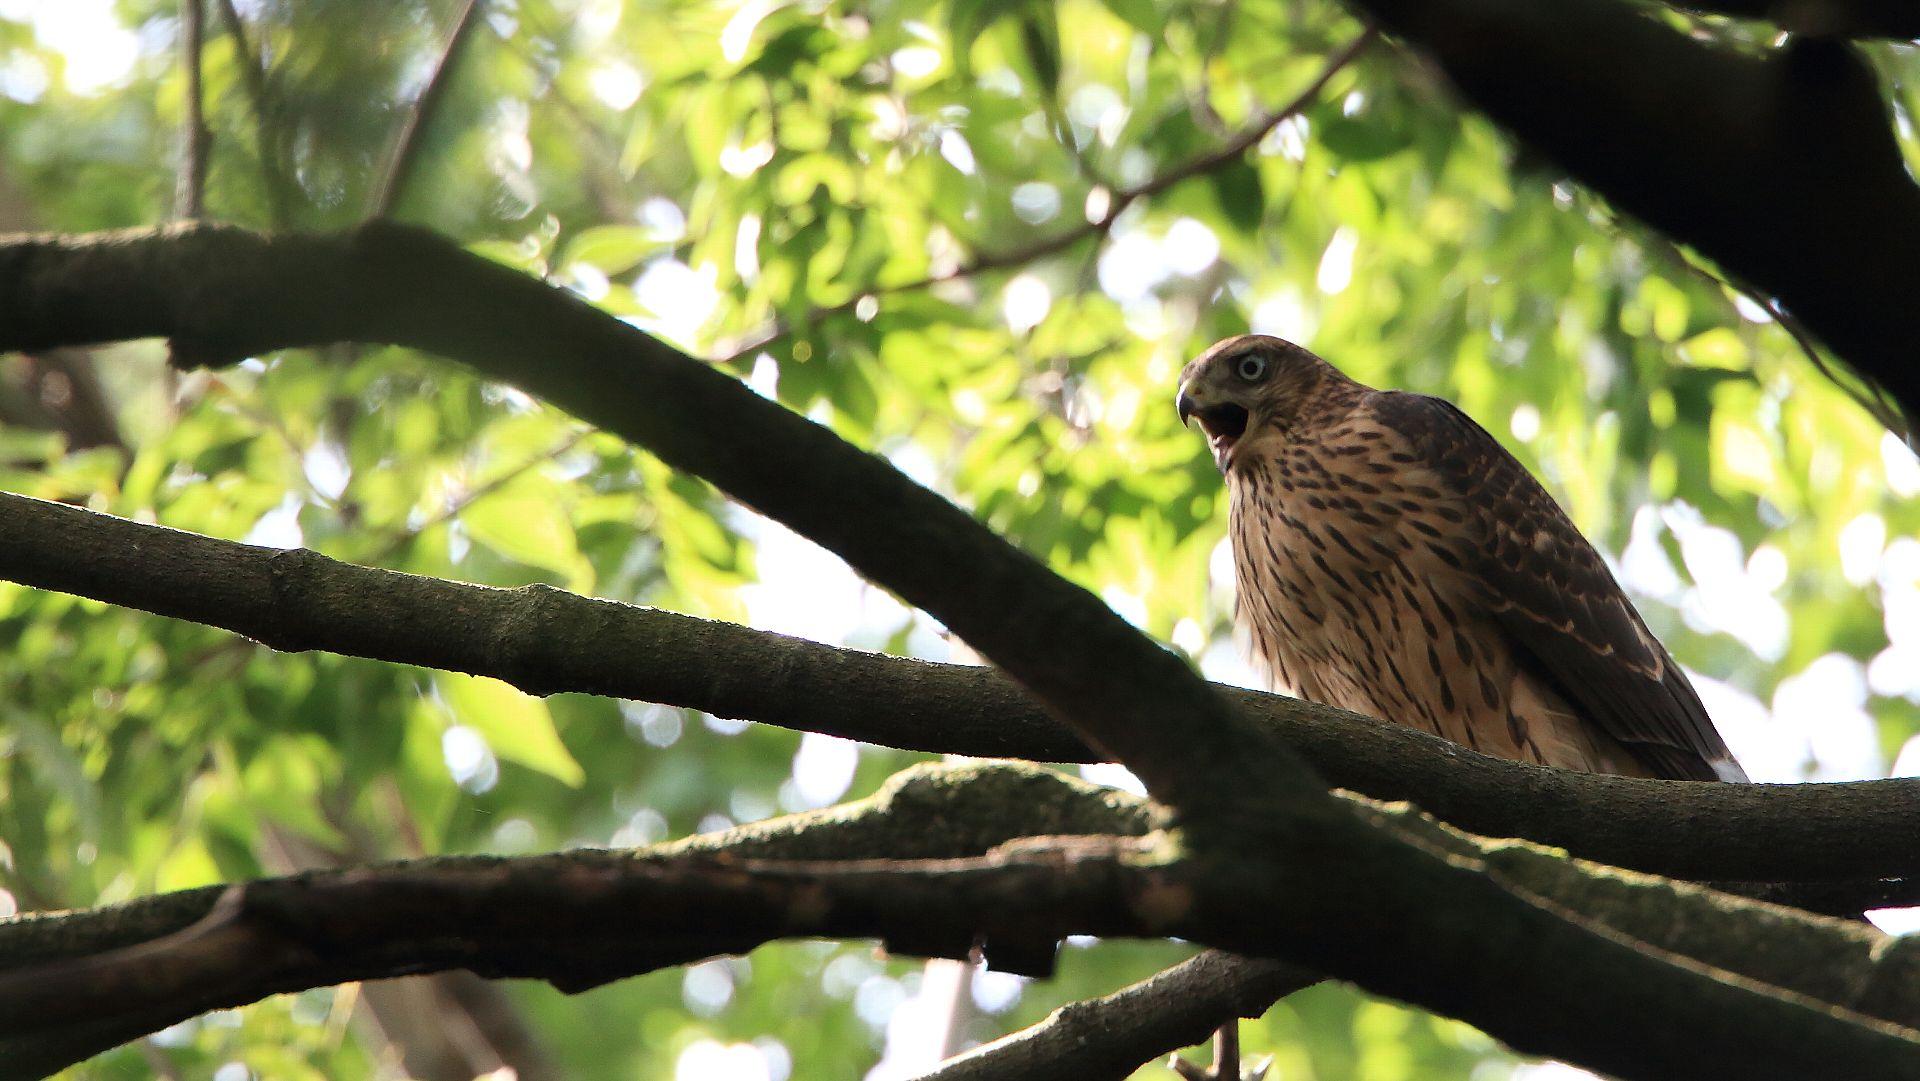 オオタカ幼鳥の咆哮!_f0105570_2148129.jpg